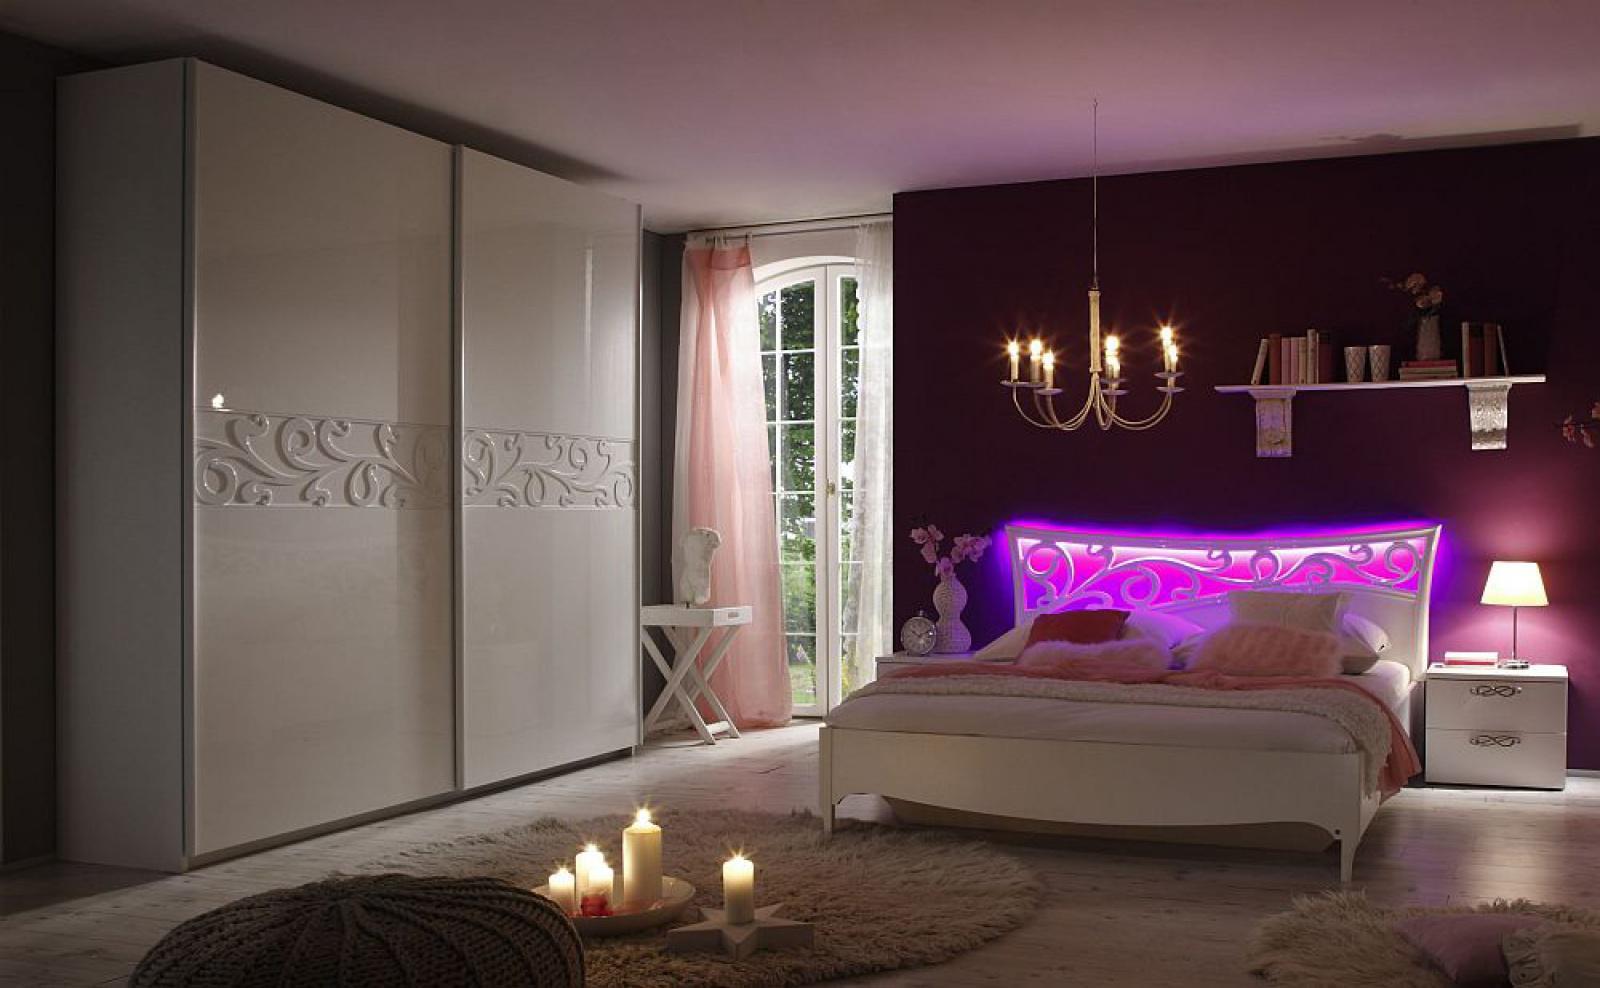 schlafzimmer set sonja 4 teilig hochglanz wei lackiert kaufen bei m bel lux. Black Bedroom Furniture Sets. Home Design Ideas